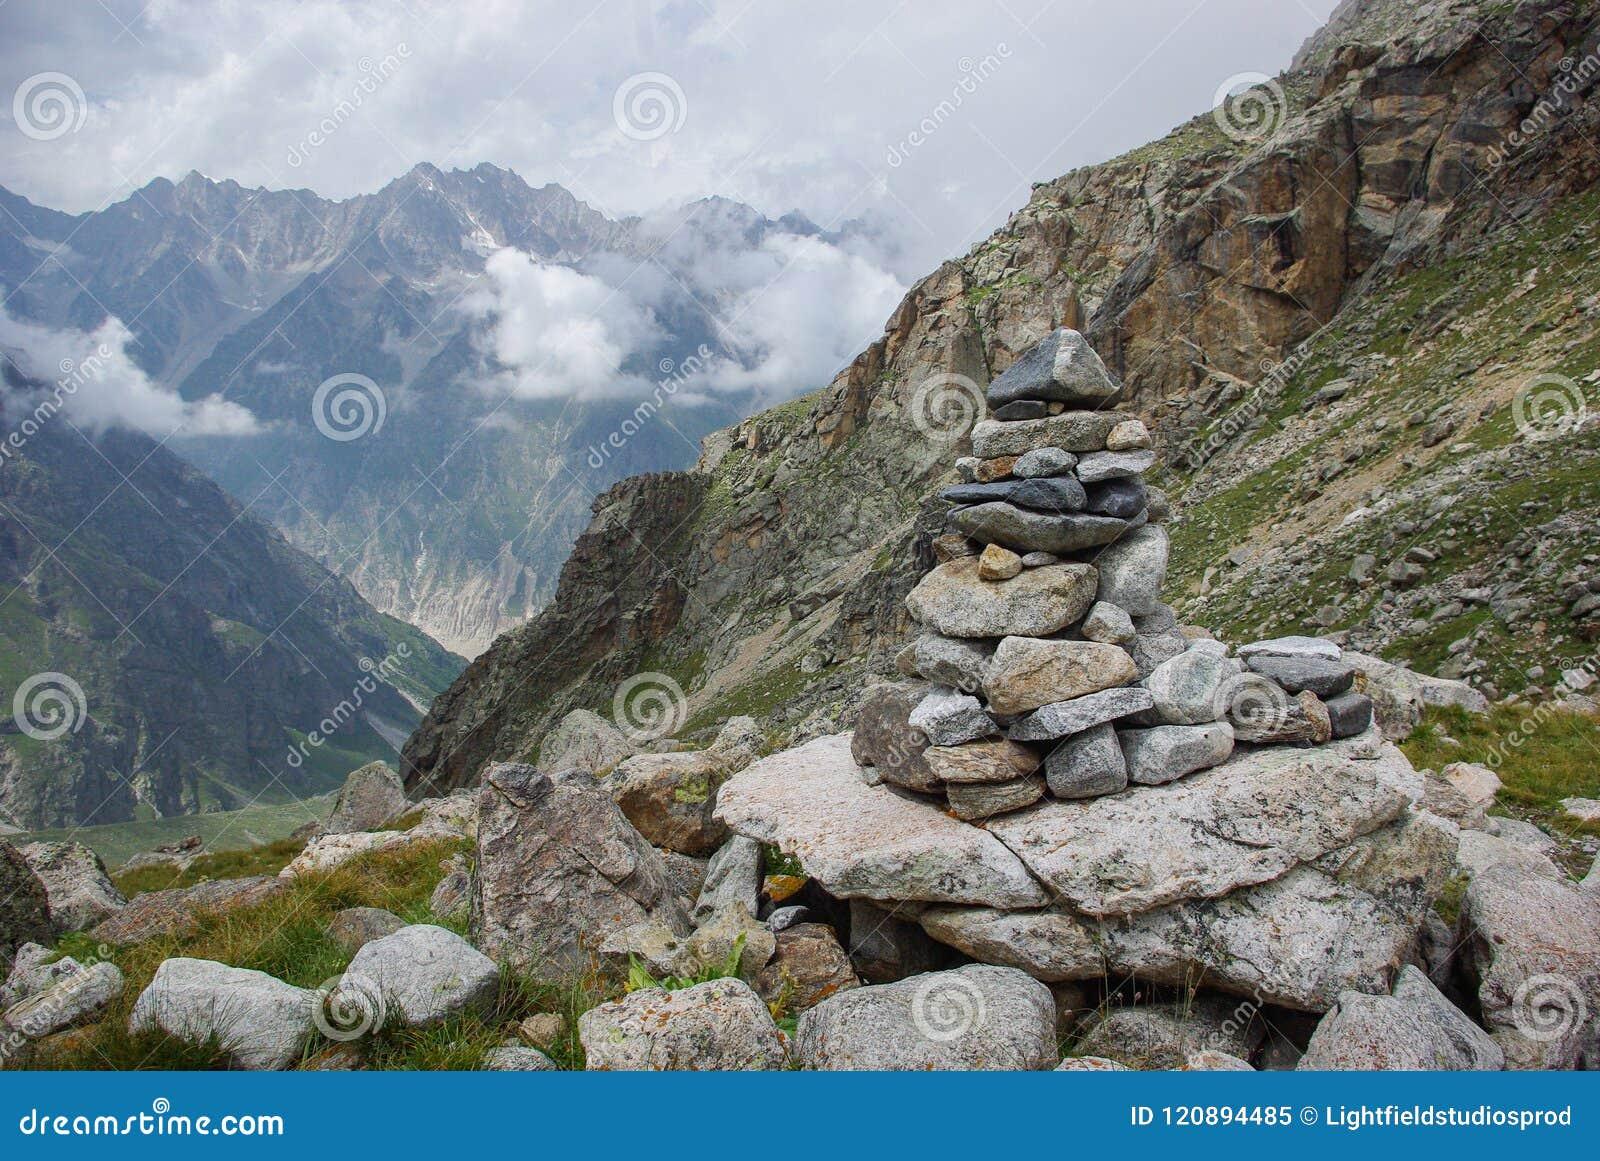 Dryluje architekturę w góry federaci rosyjskiej, Kaukaz,